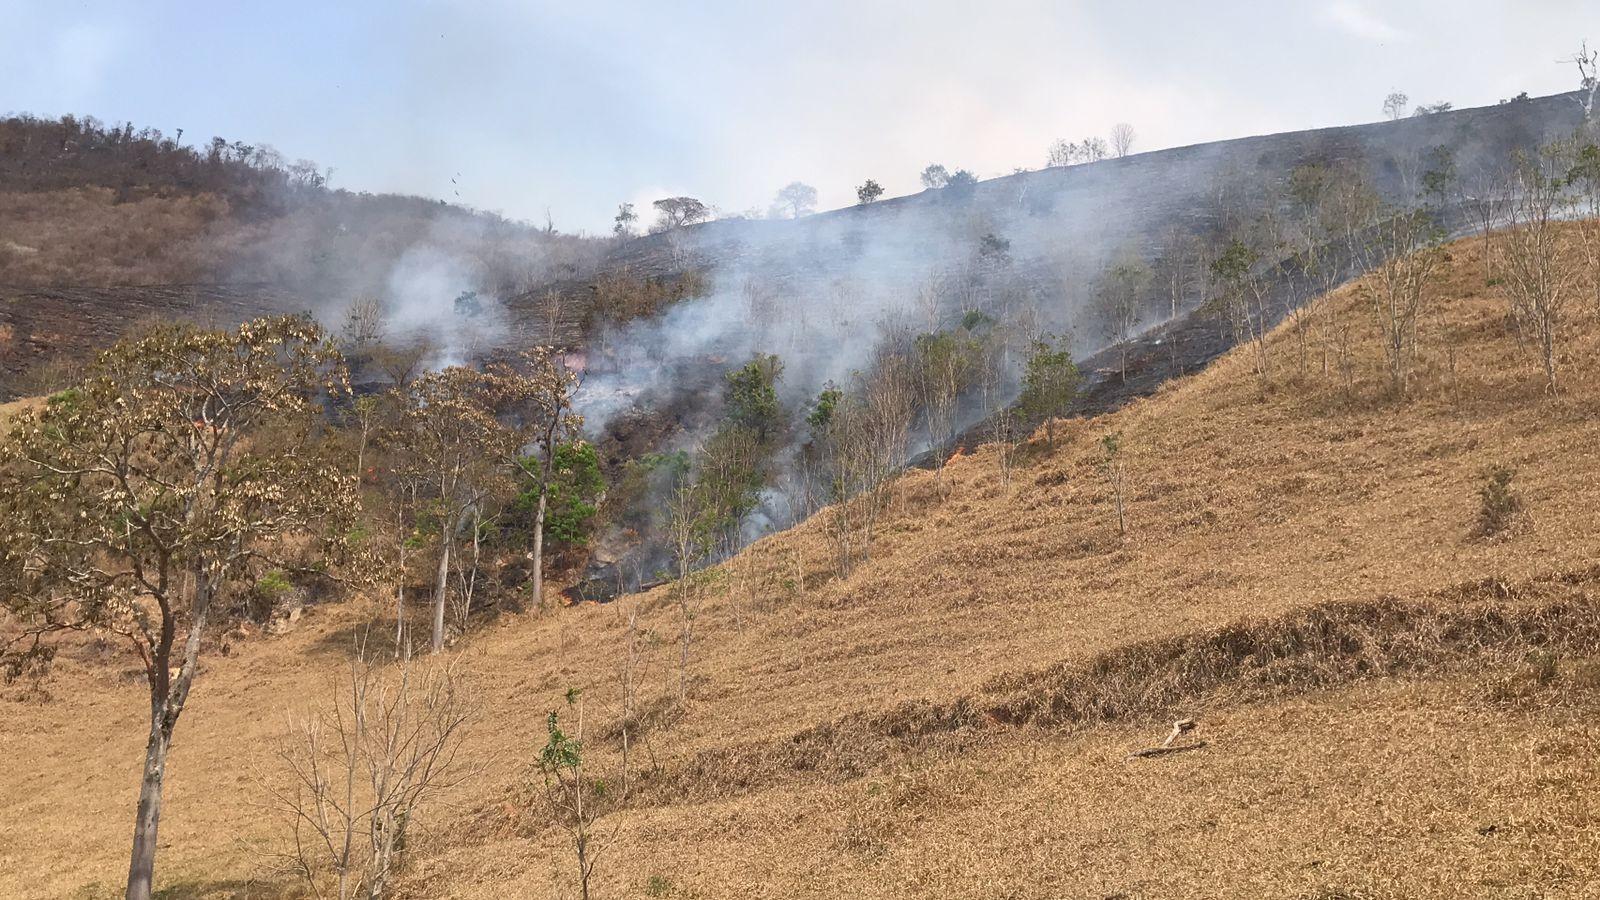 Equipes trabalham no segundo dia de combate a incêndio na região de Secretário, em Petrópolis, no RJ